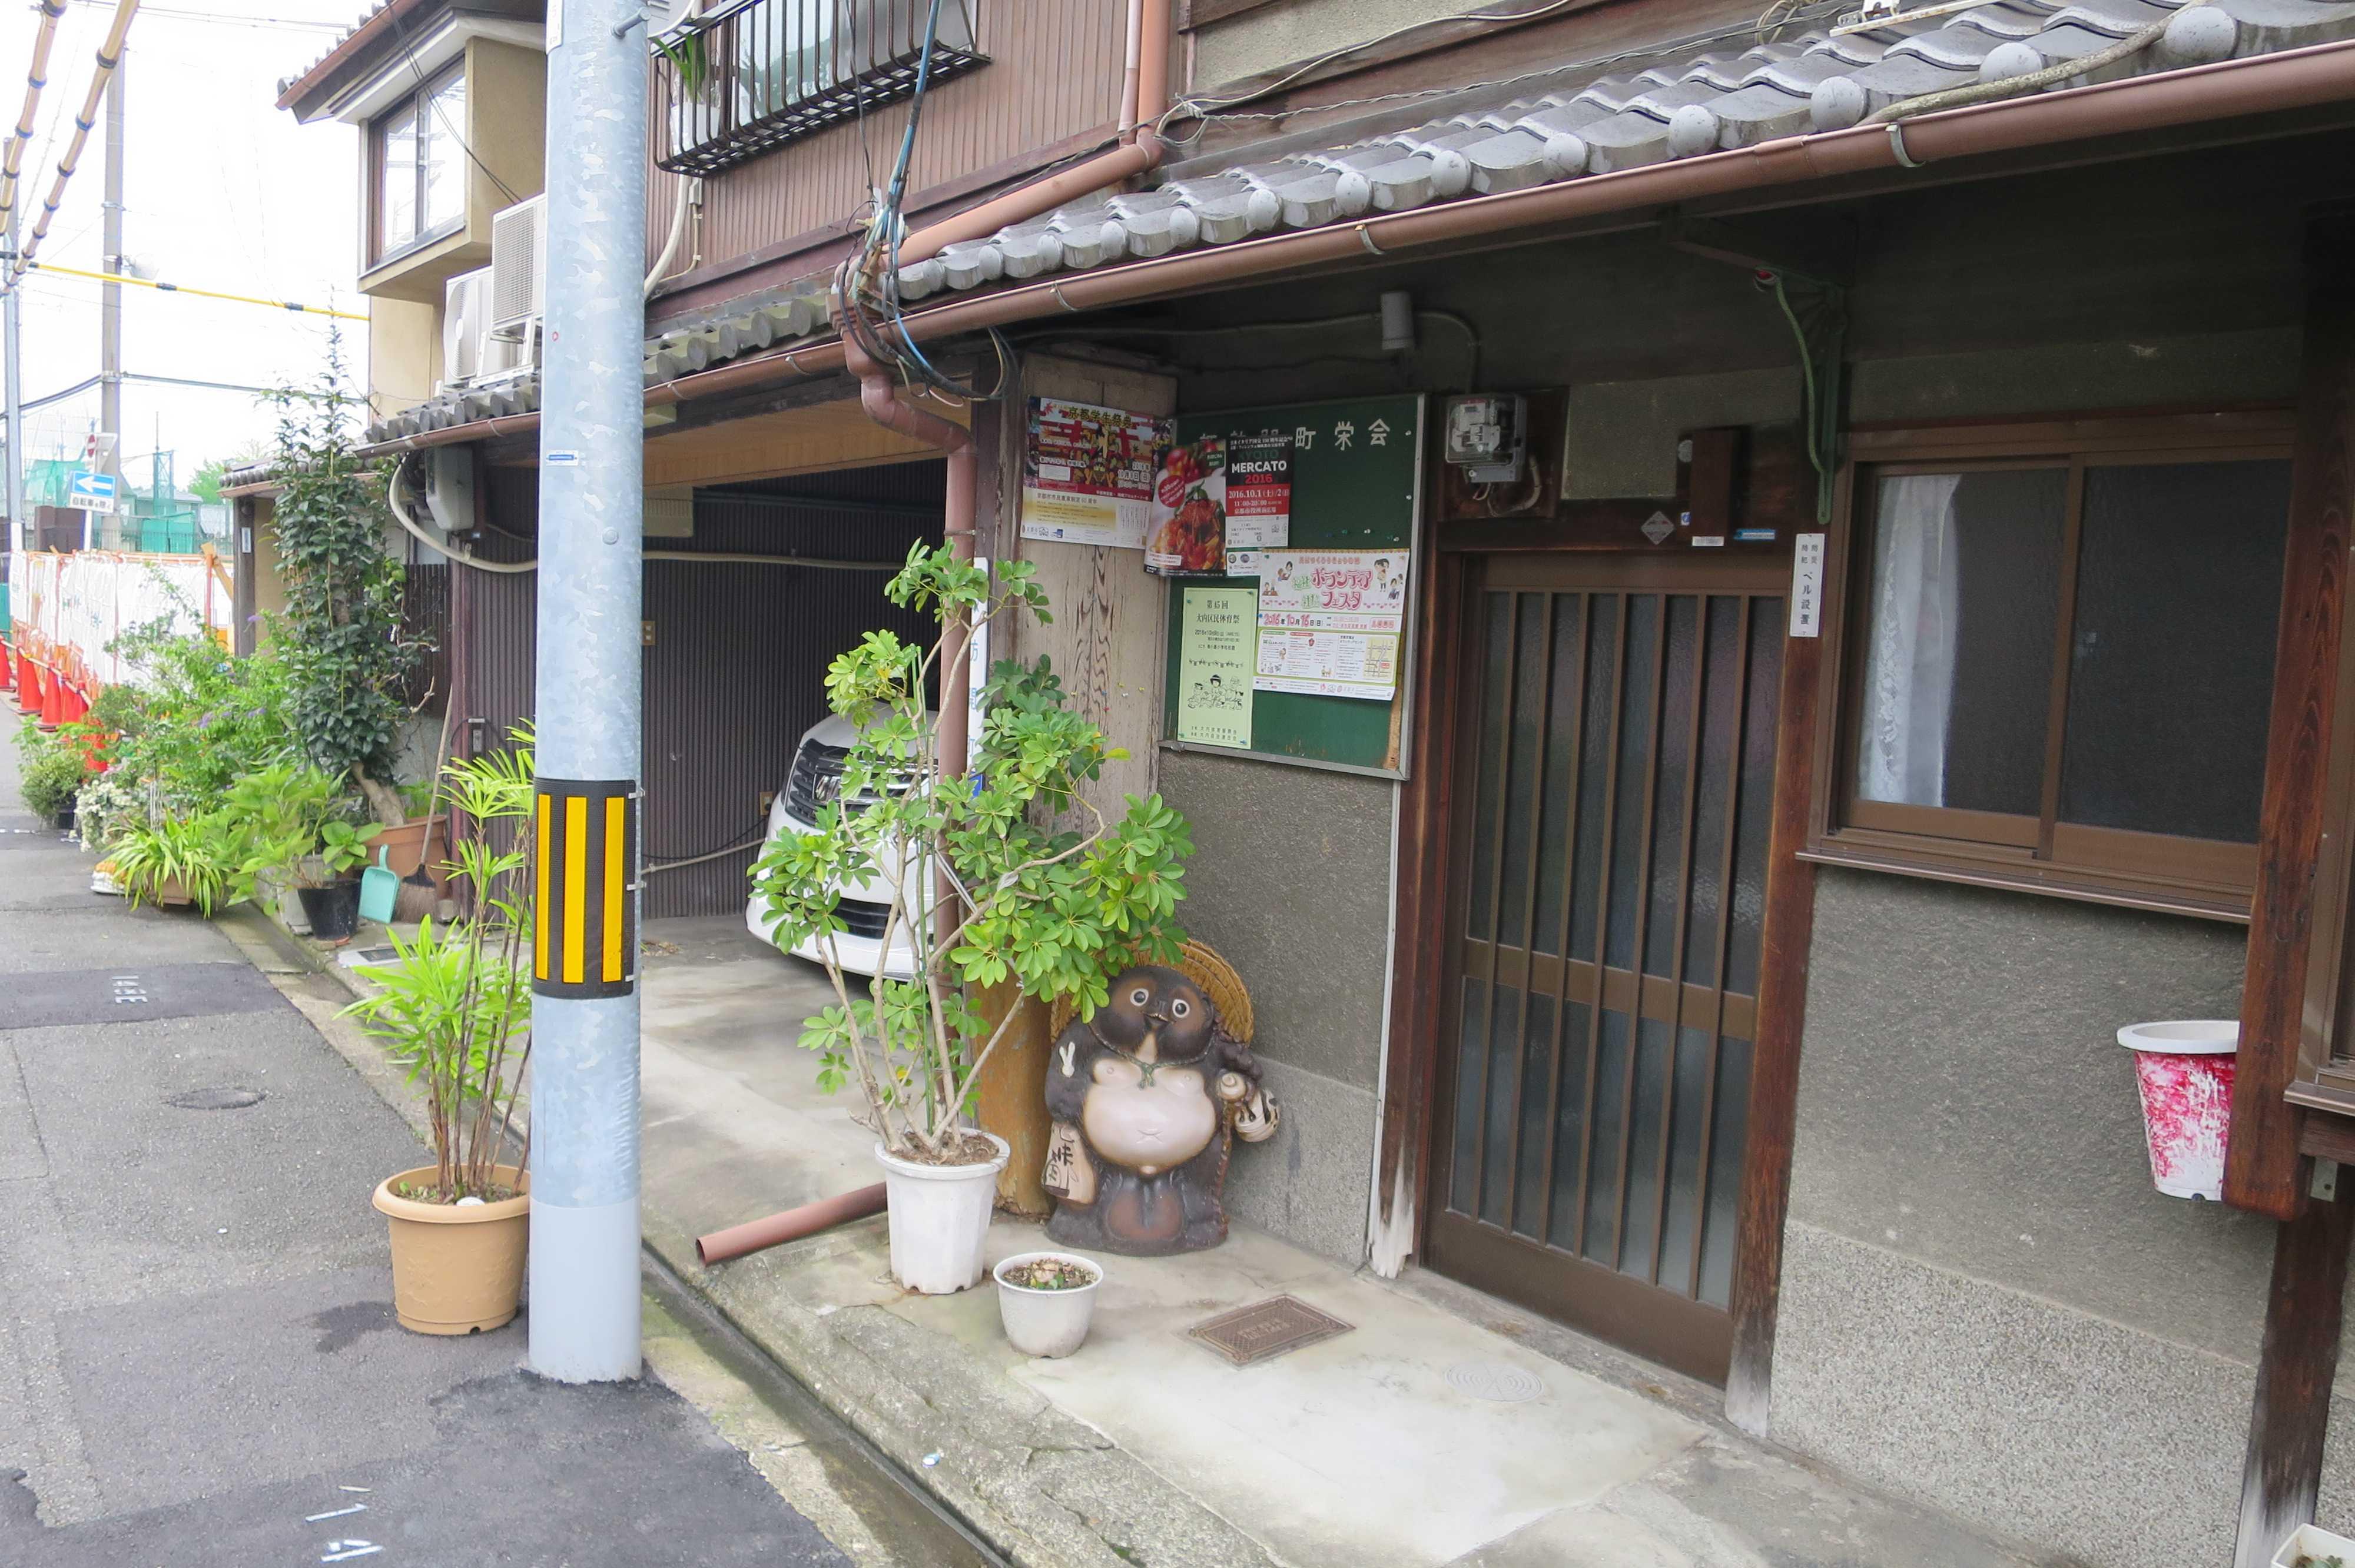 狸の置物 - 京都市下京区